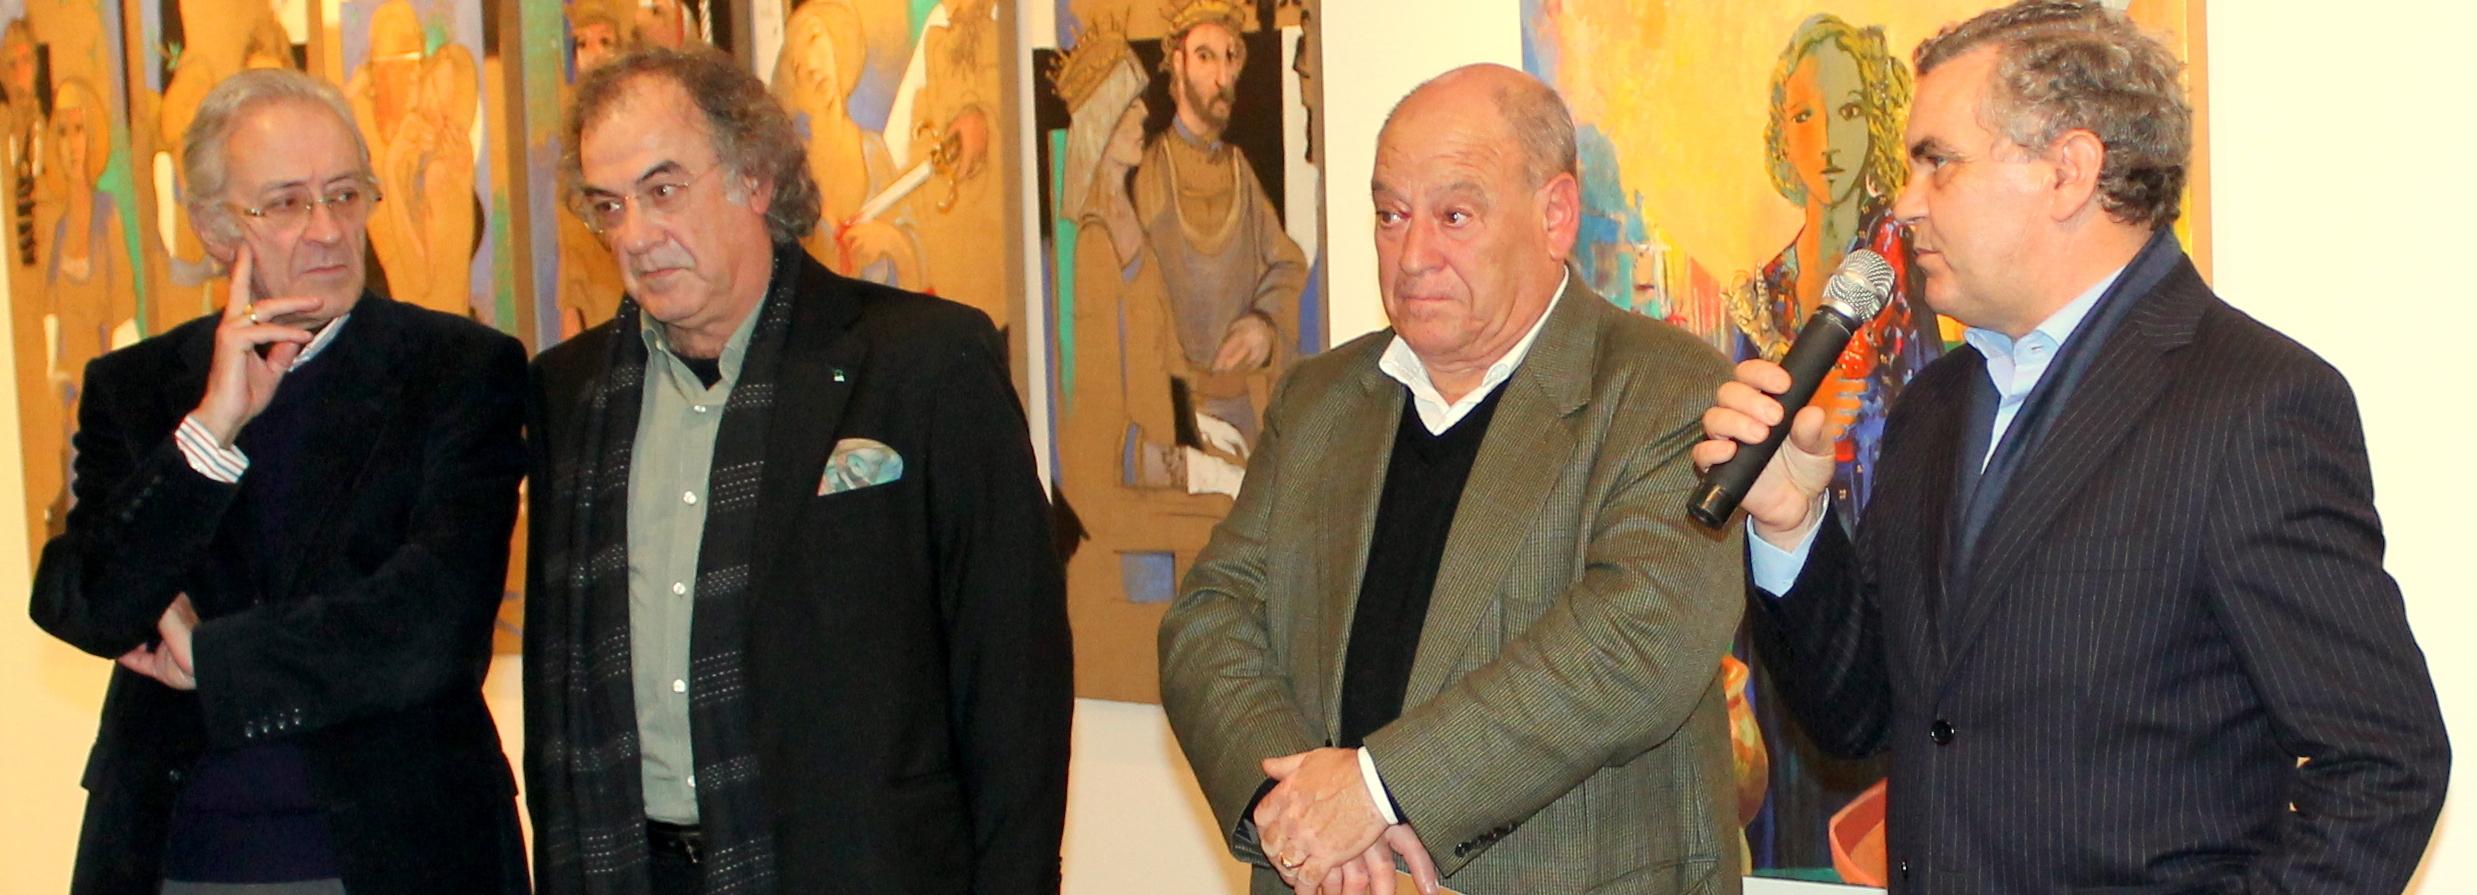 Exposição de pintura de José Emídio na Galeria Municipal de Arte